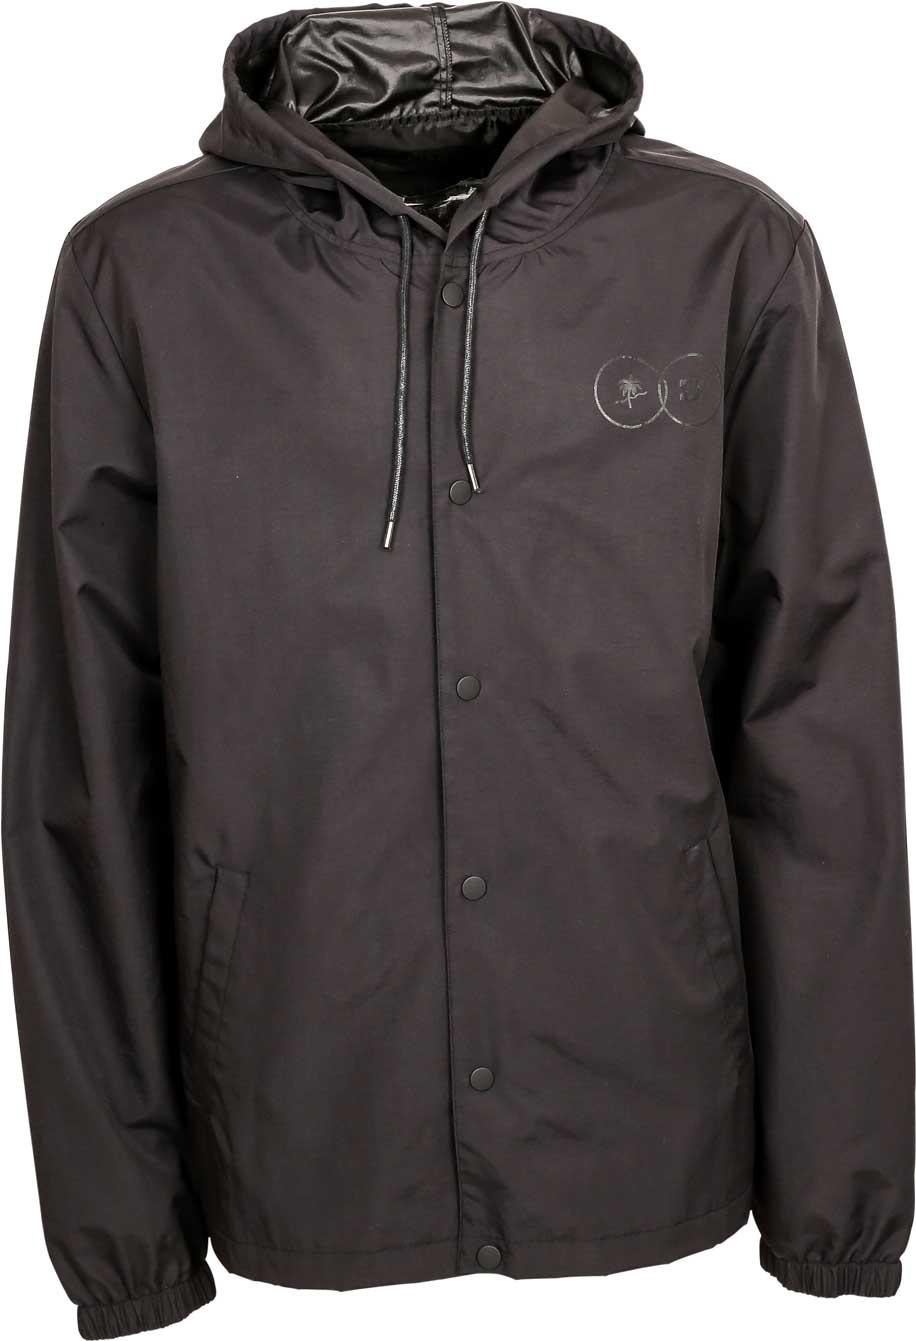 Wenn du auf Schwarz stehst, hast du deine Jacke gefunden.